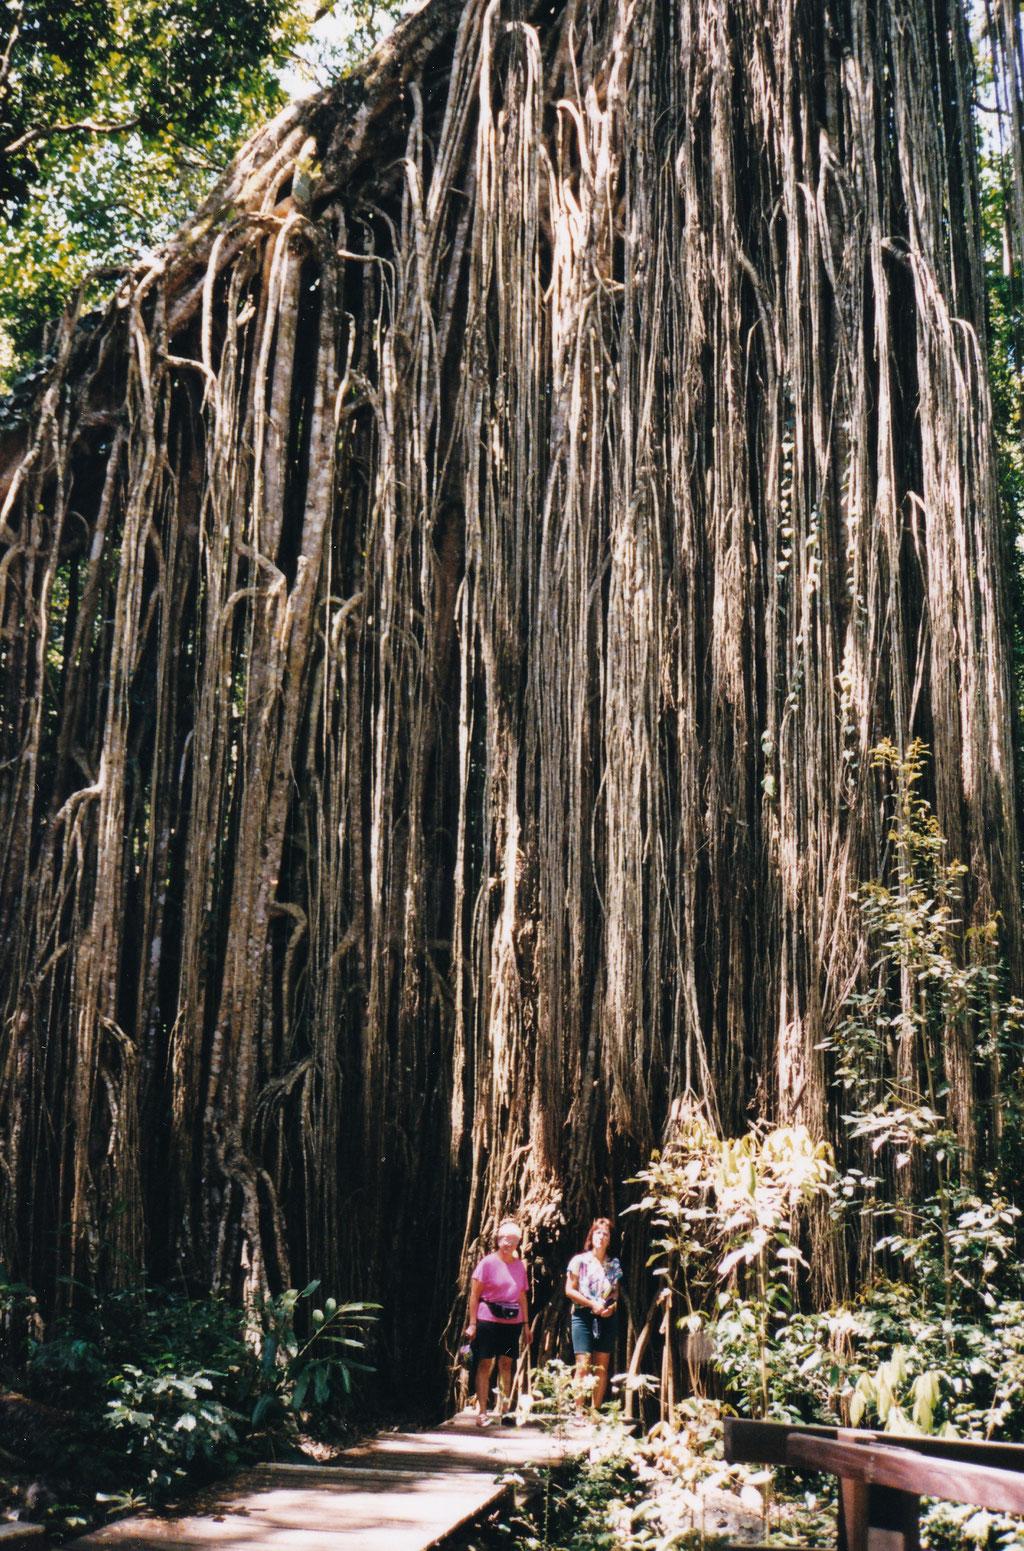 FIG TREE LUFTWURZELBAUM BEI MALANDA